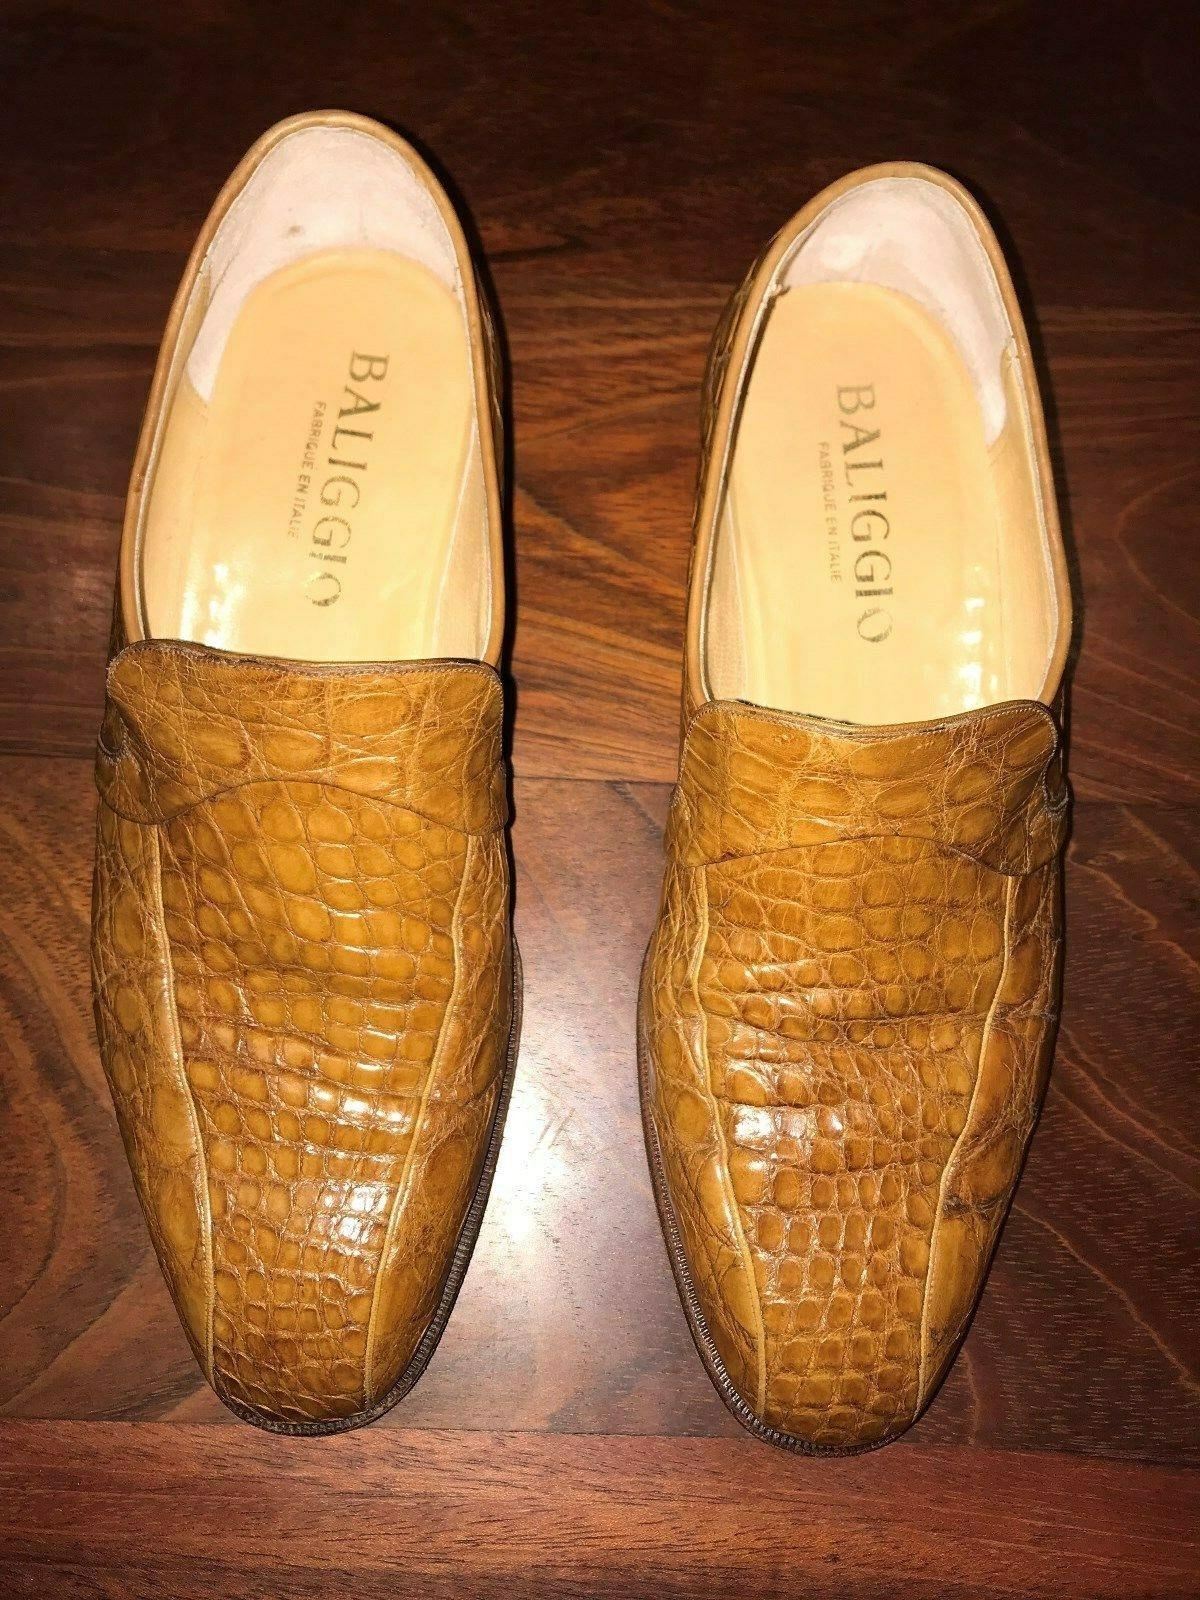 Baliggio, Light Marronee Genuine Crocodile Alligator Skin scarpe.  Men's Dimensione 6 ½